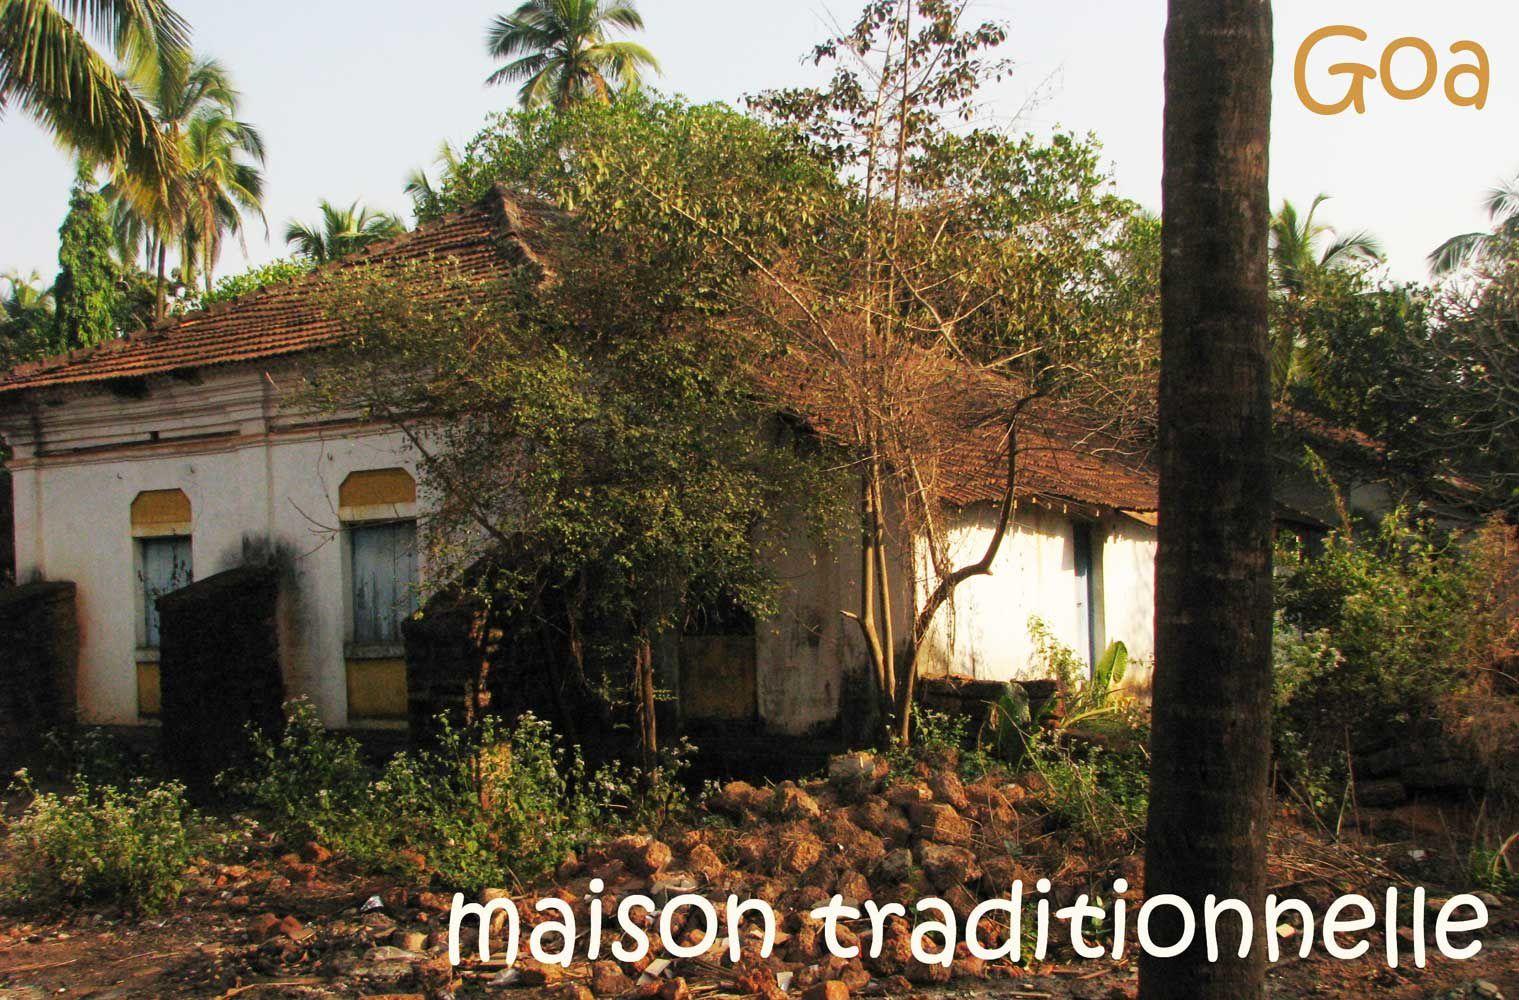 08 Goa maison traditionnelle